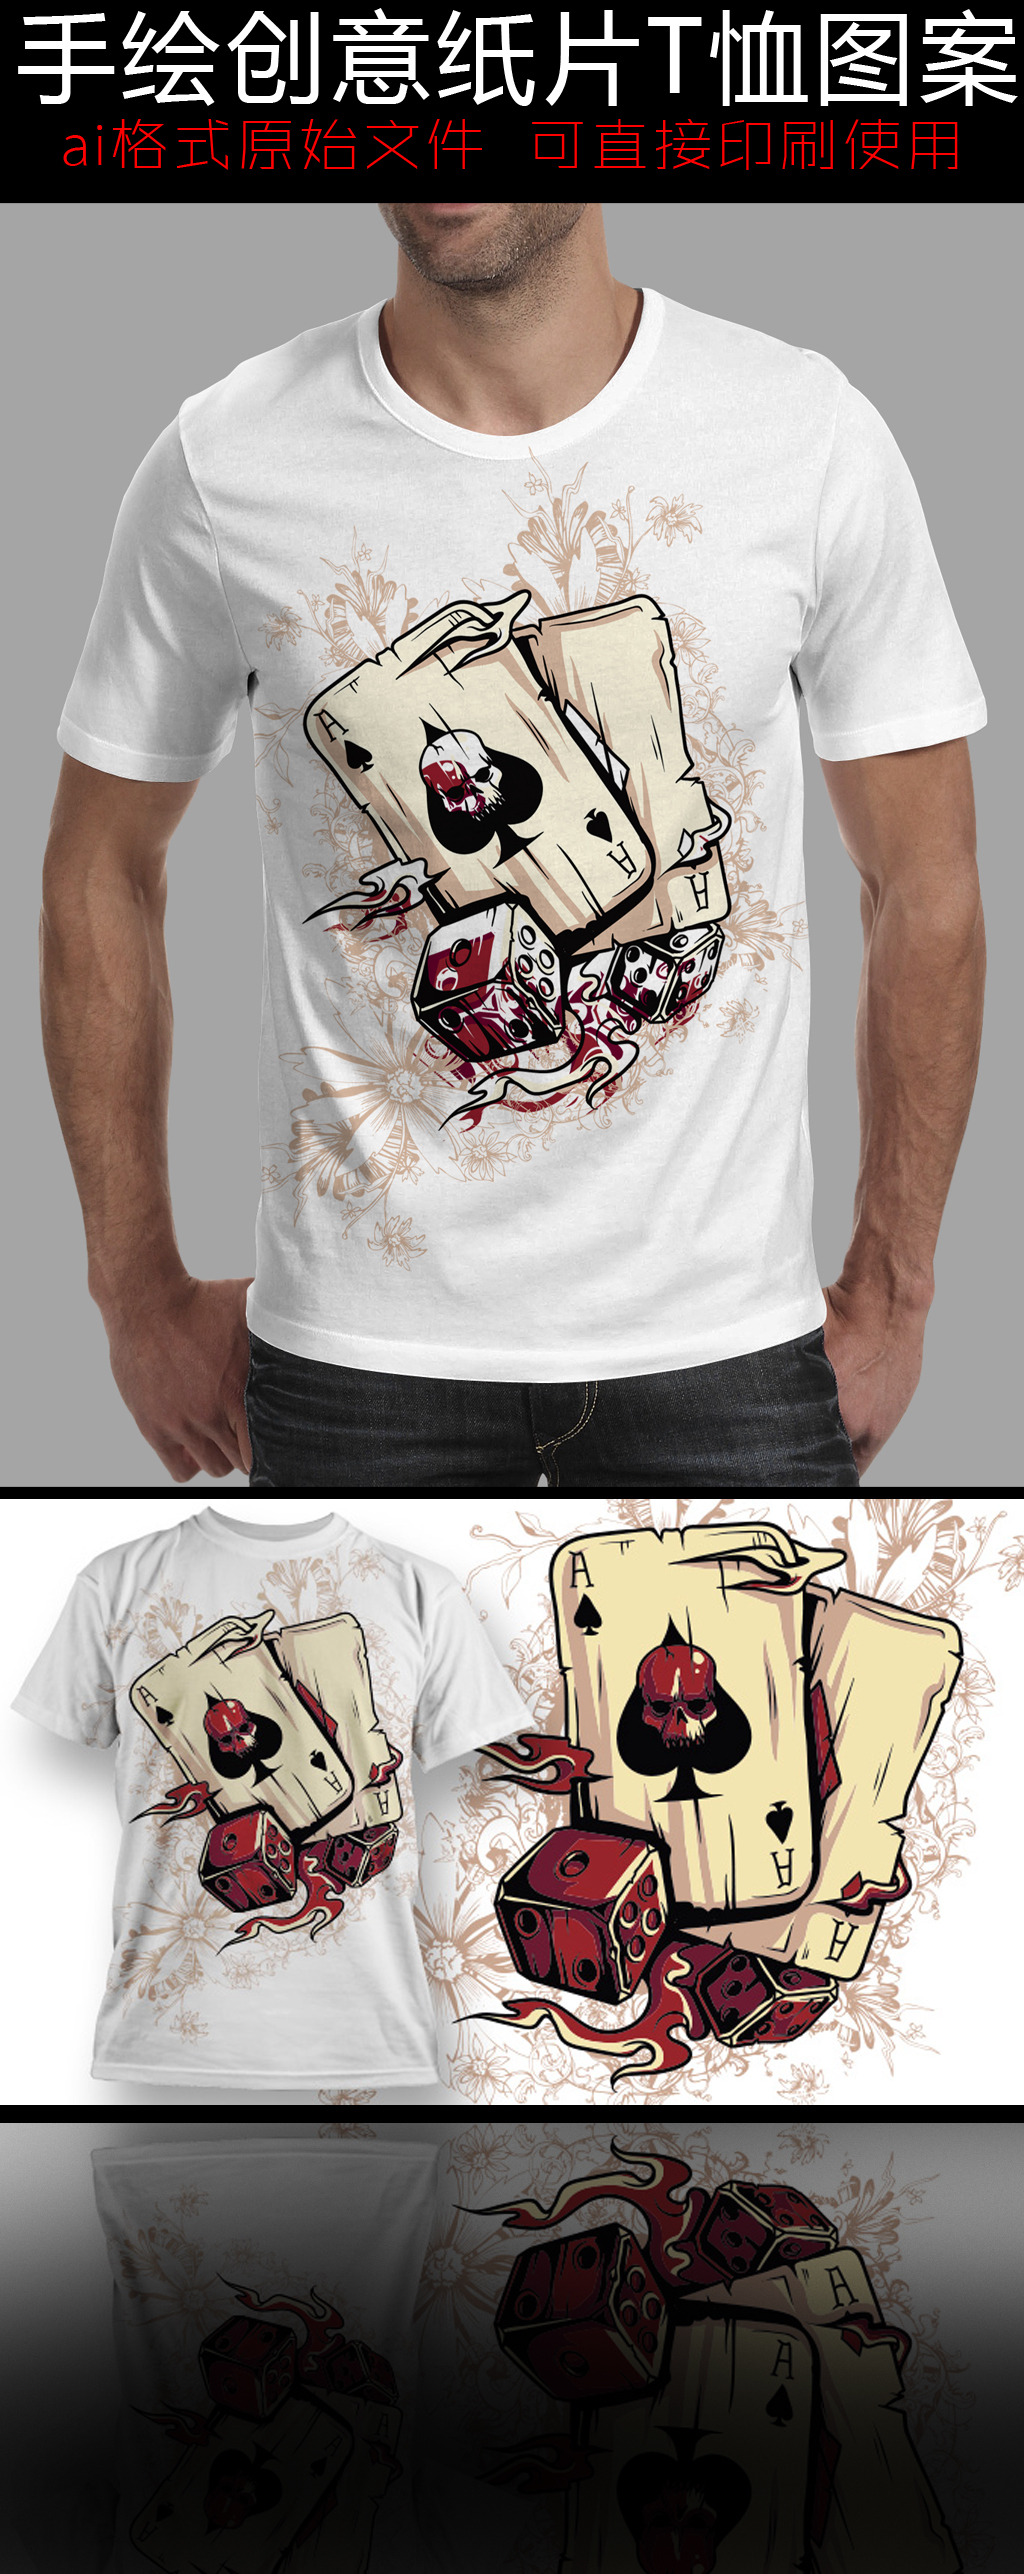 魔术t恤图案 手绘情侣t恤衫 手绘t恤创意图案 手绘t恤衫创意图案 手绘